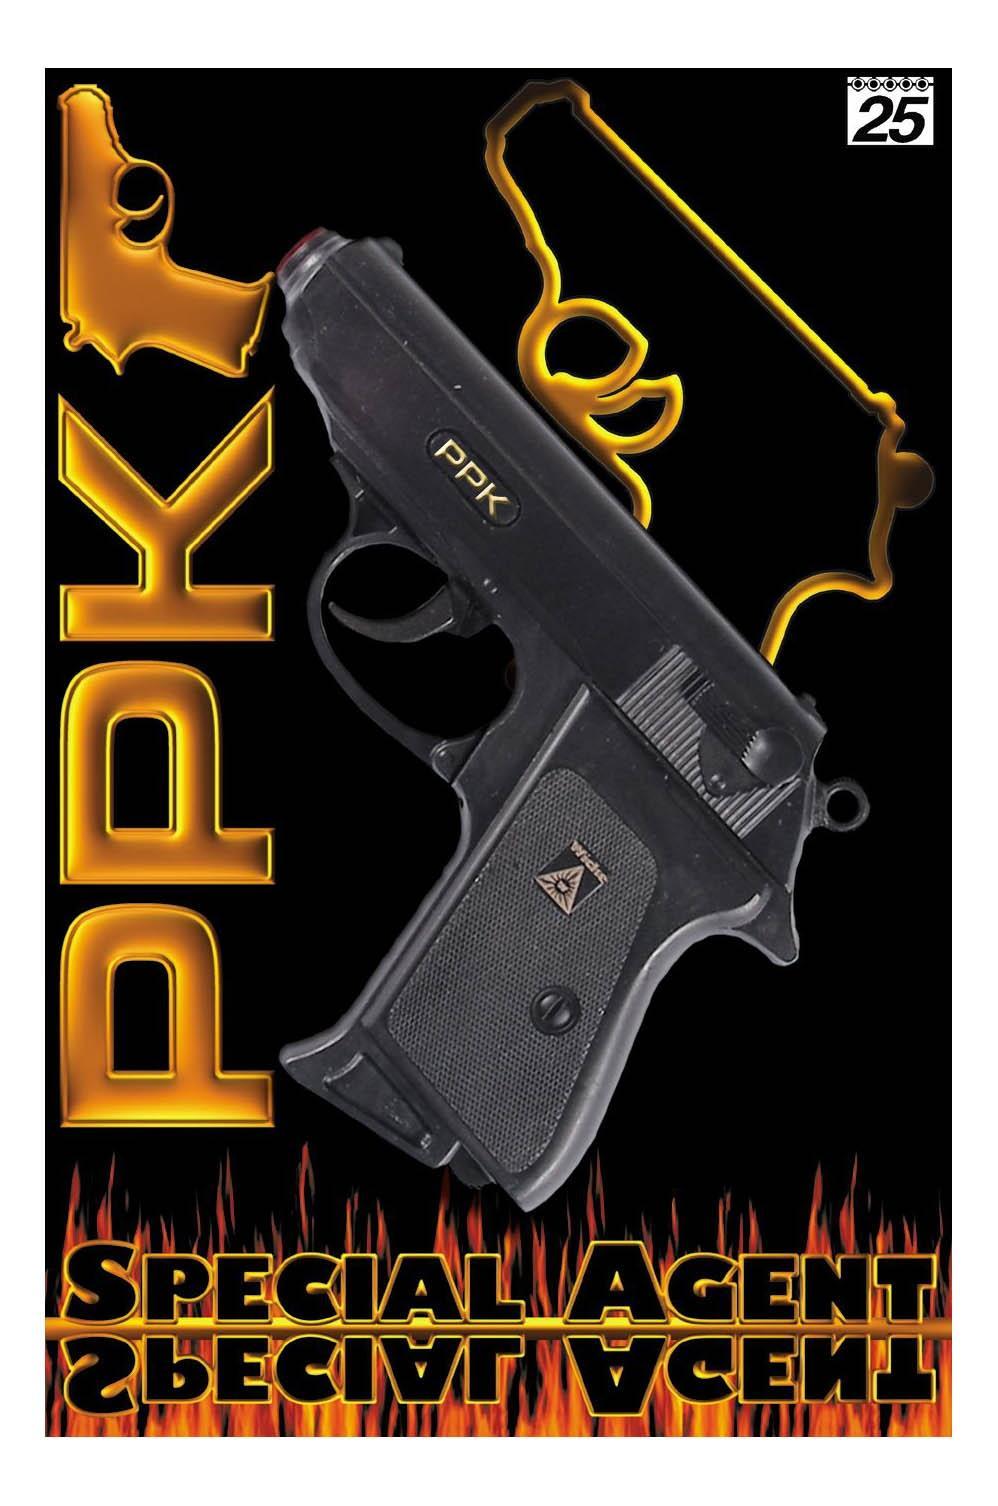 Купить Пистолет Специальный агент PPK 25-зарядный, 158 мм, Sohni-Wicke, Игрушечные пистолеты